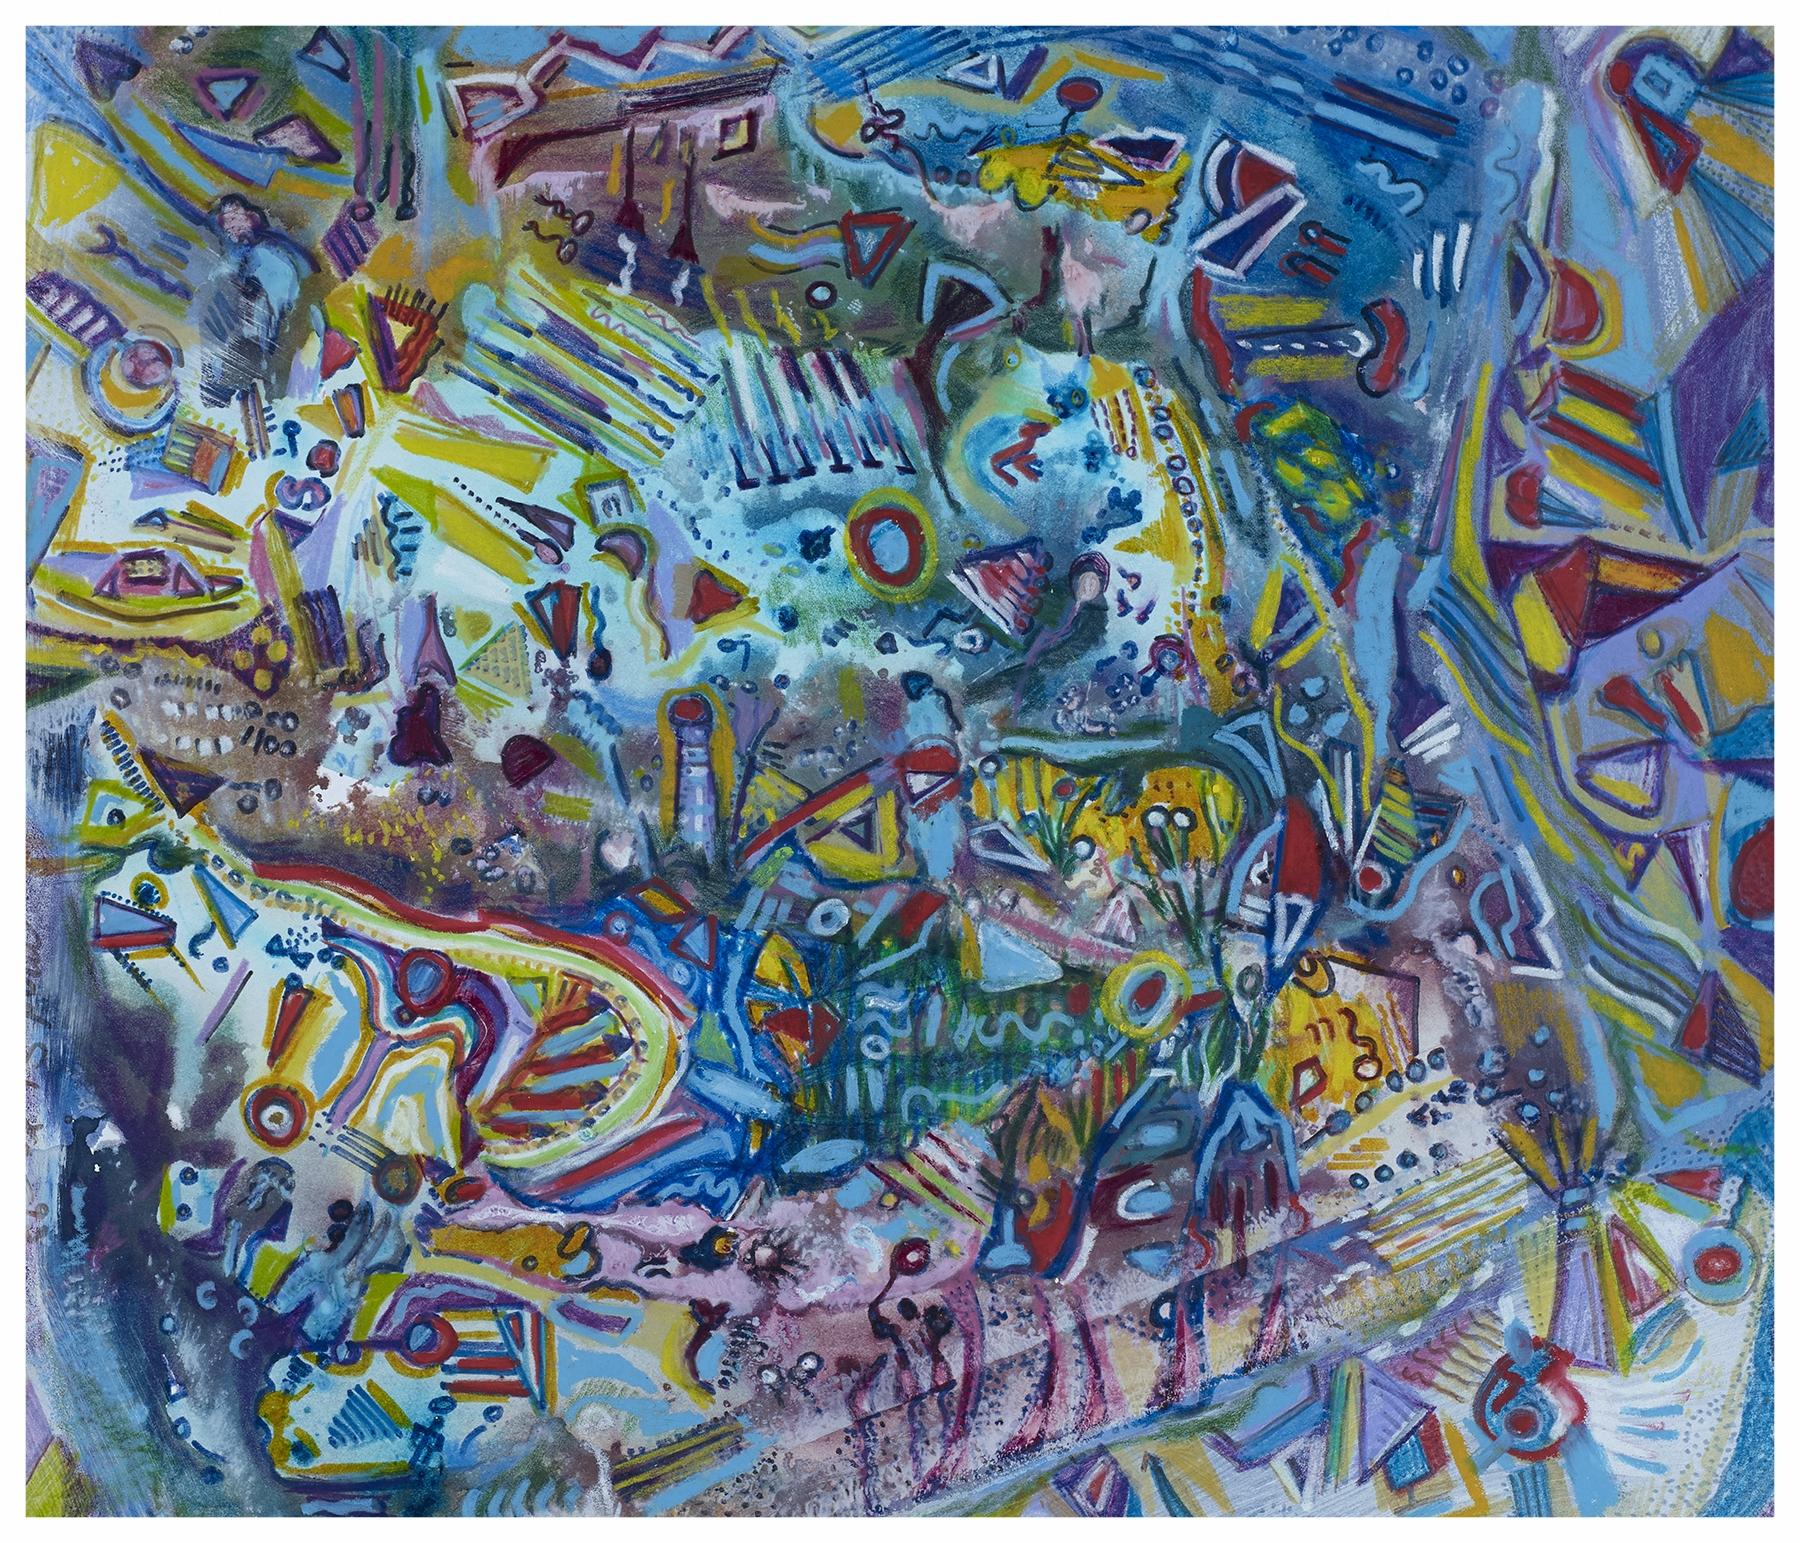 Carnival 1993 17x15 Mixed Medium